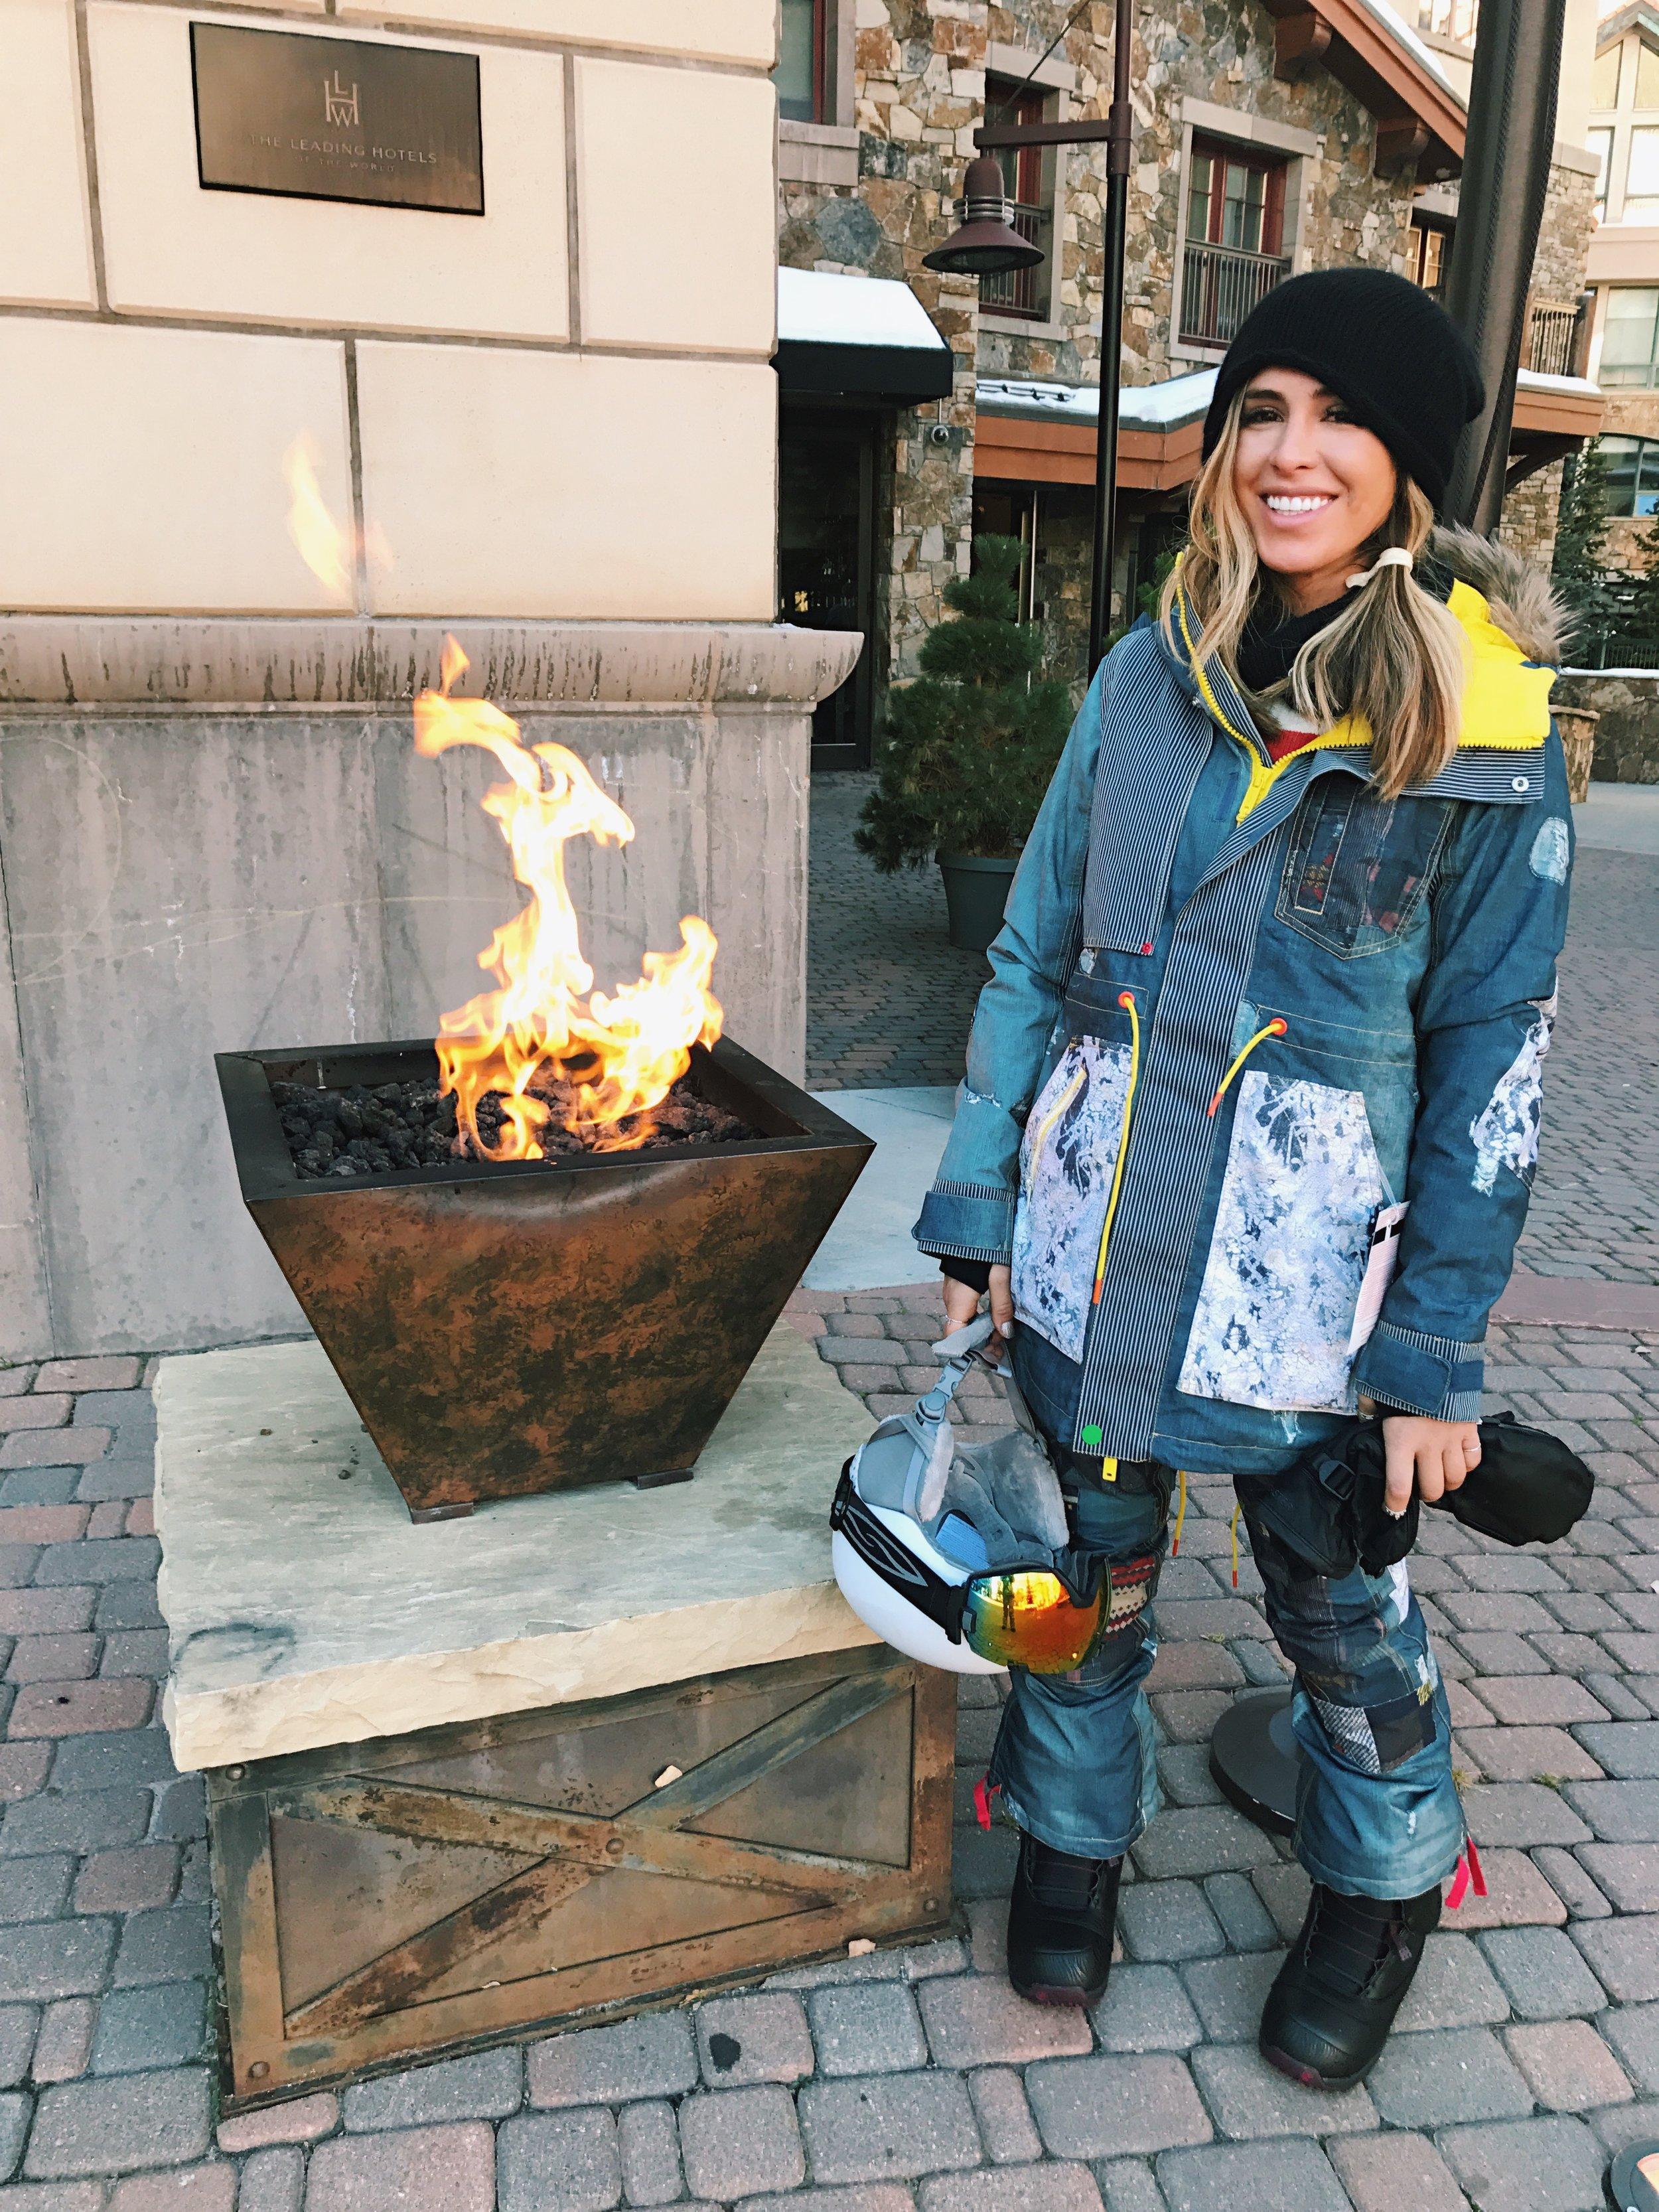 Kelley Fertitta in a snoboarding outfit